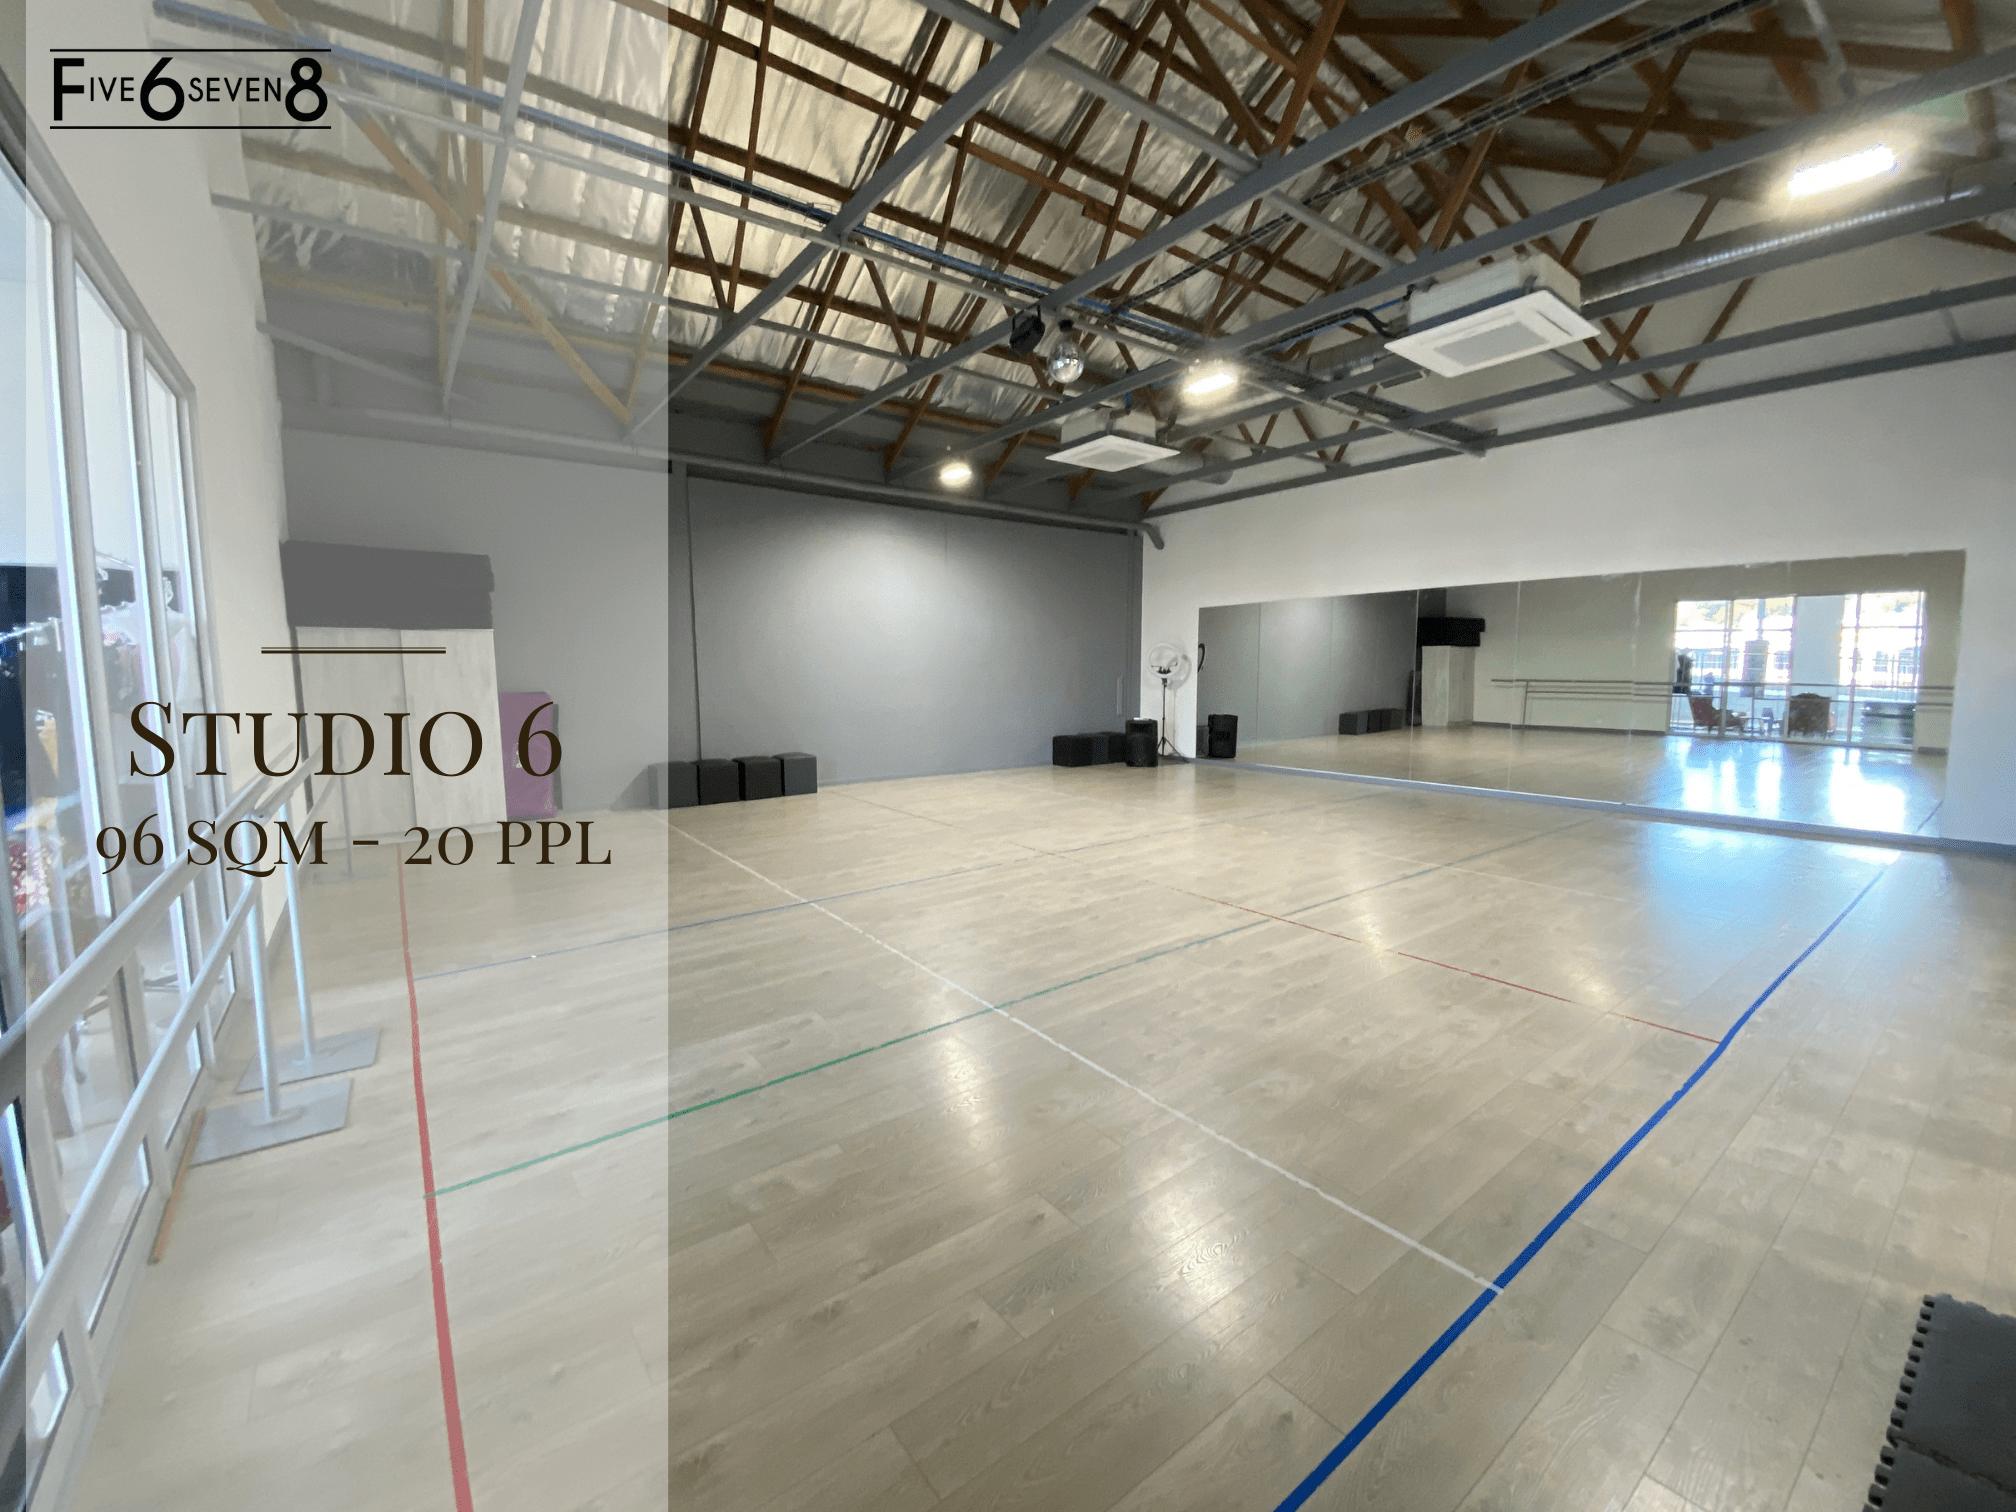 Studio 6 - Venue Hire in Randburg